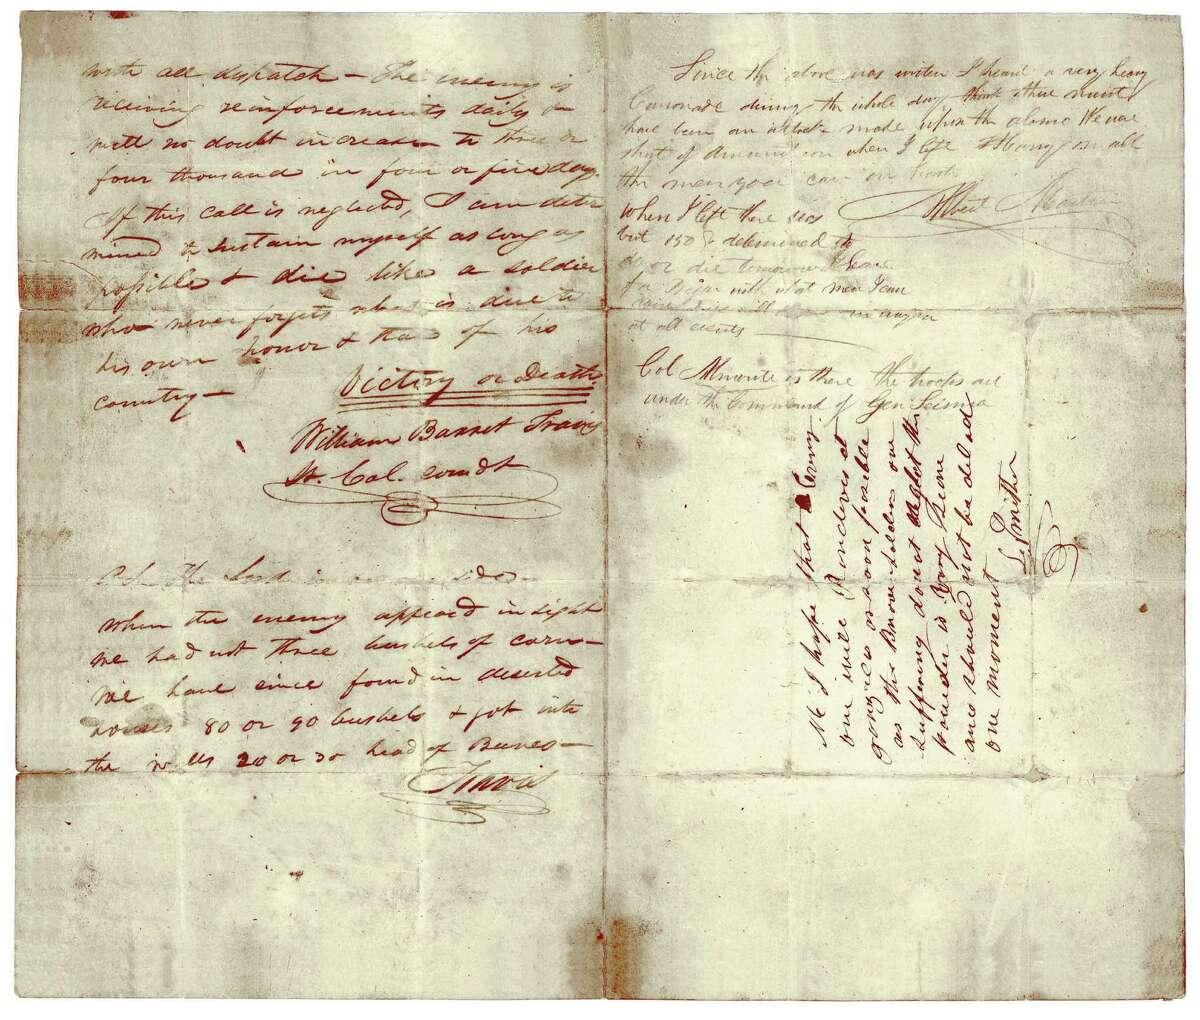 In an undated handout photo, Lt. Col. William Barret Travis' 1836